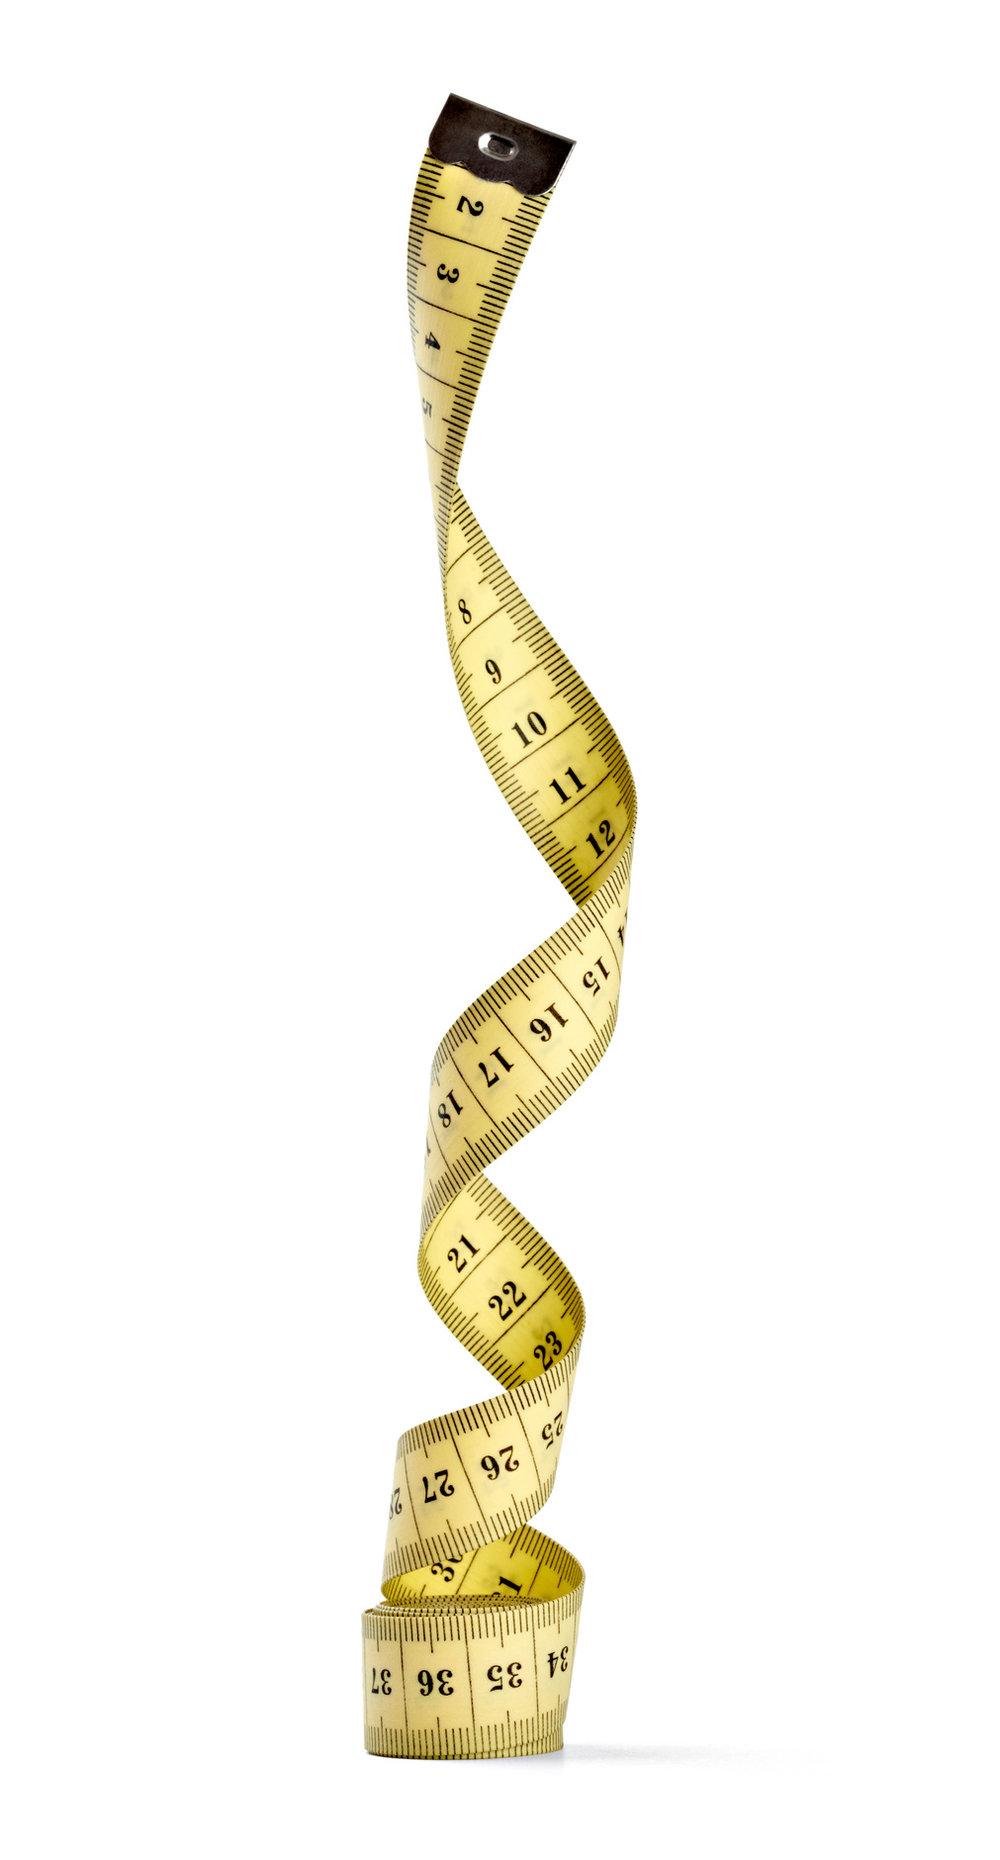 mesurer l'ambiance avec l'iXa